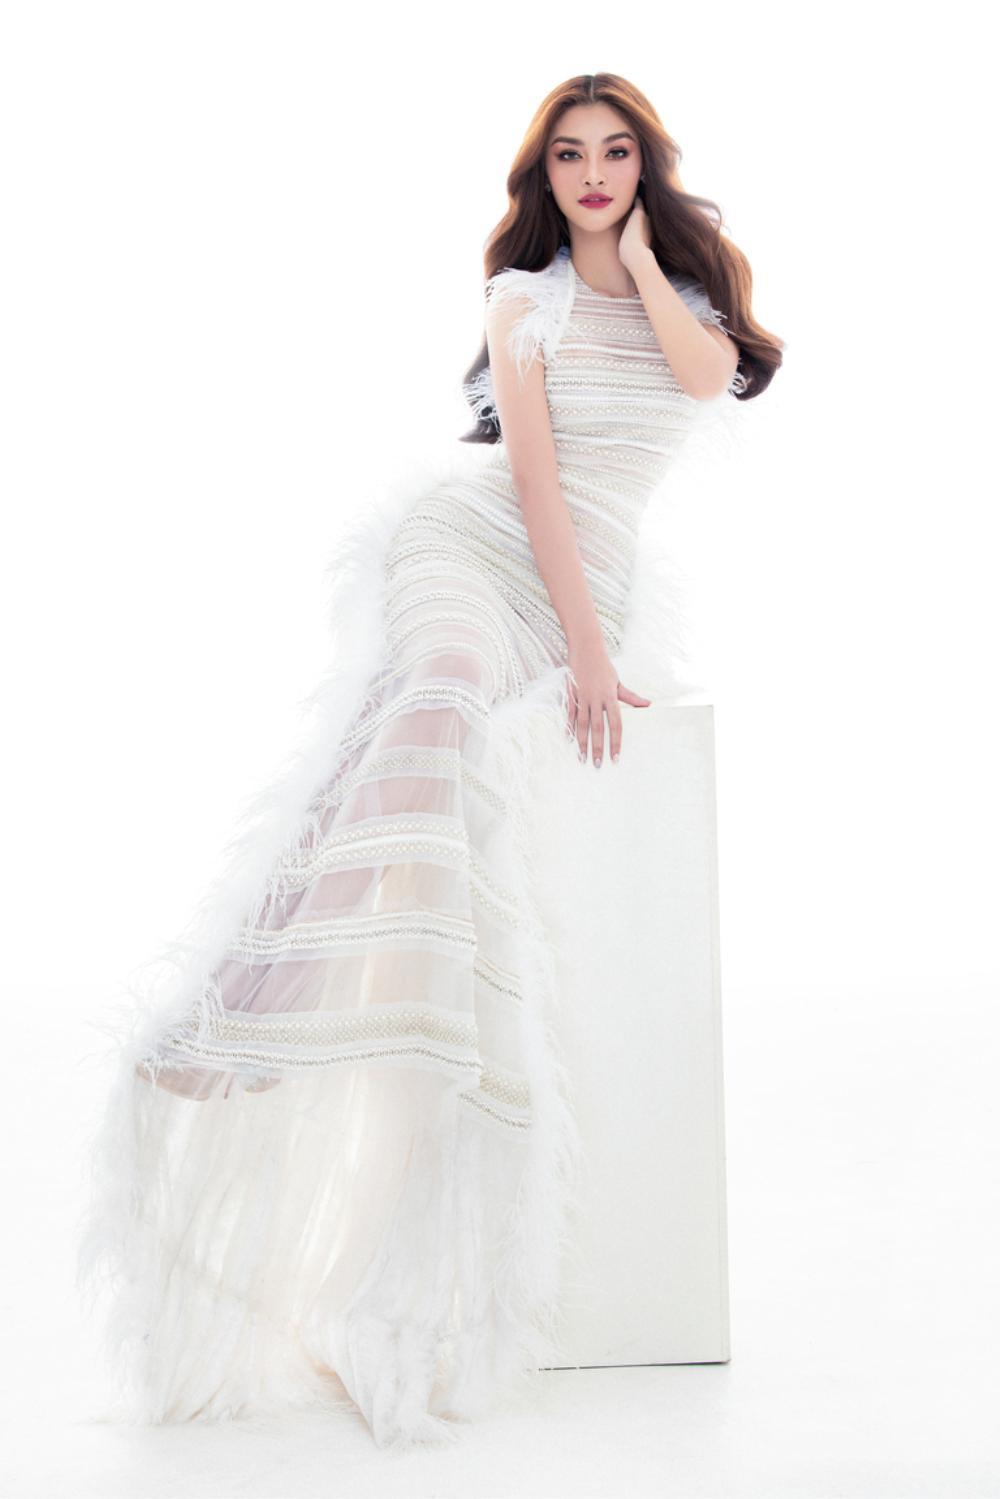 Á hậu Kiều Loan khoe nhan sắc quyến rũ trong bộ ảnh mới Ảnh 4